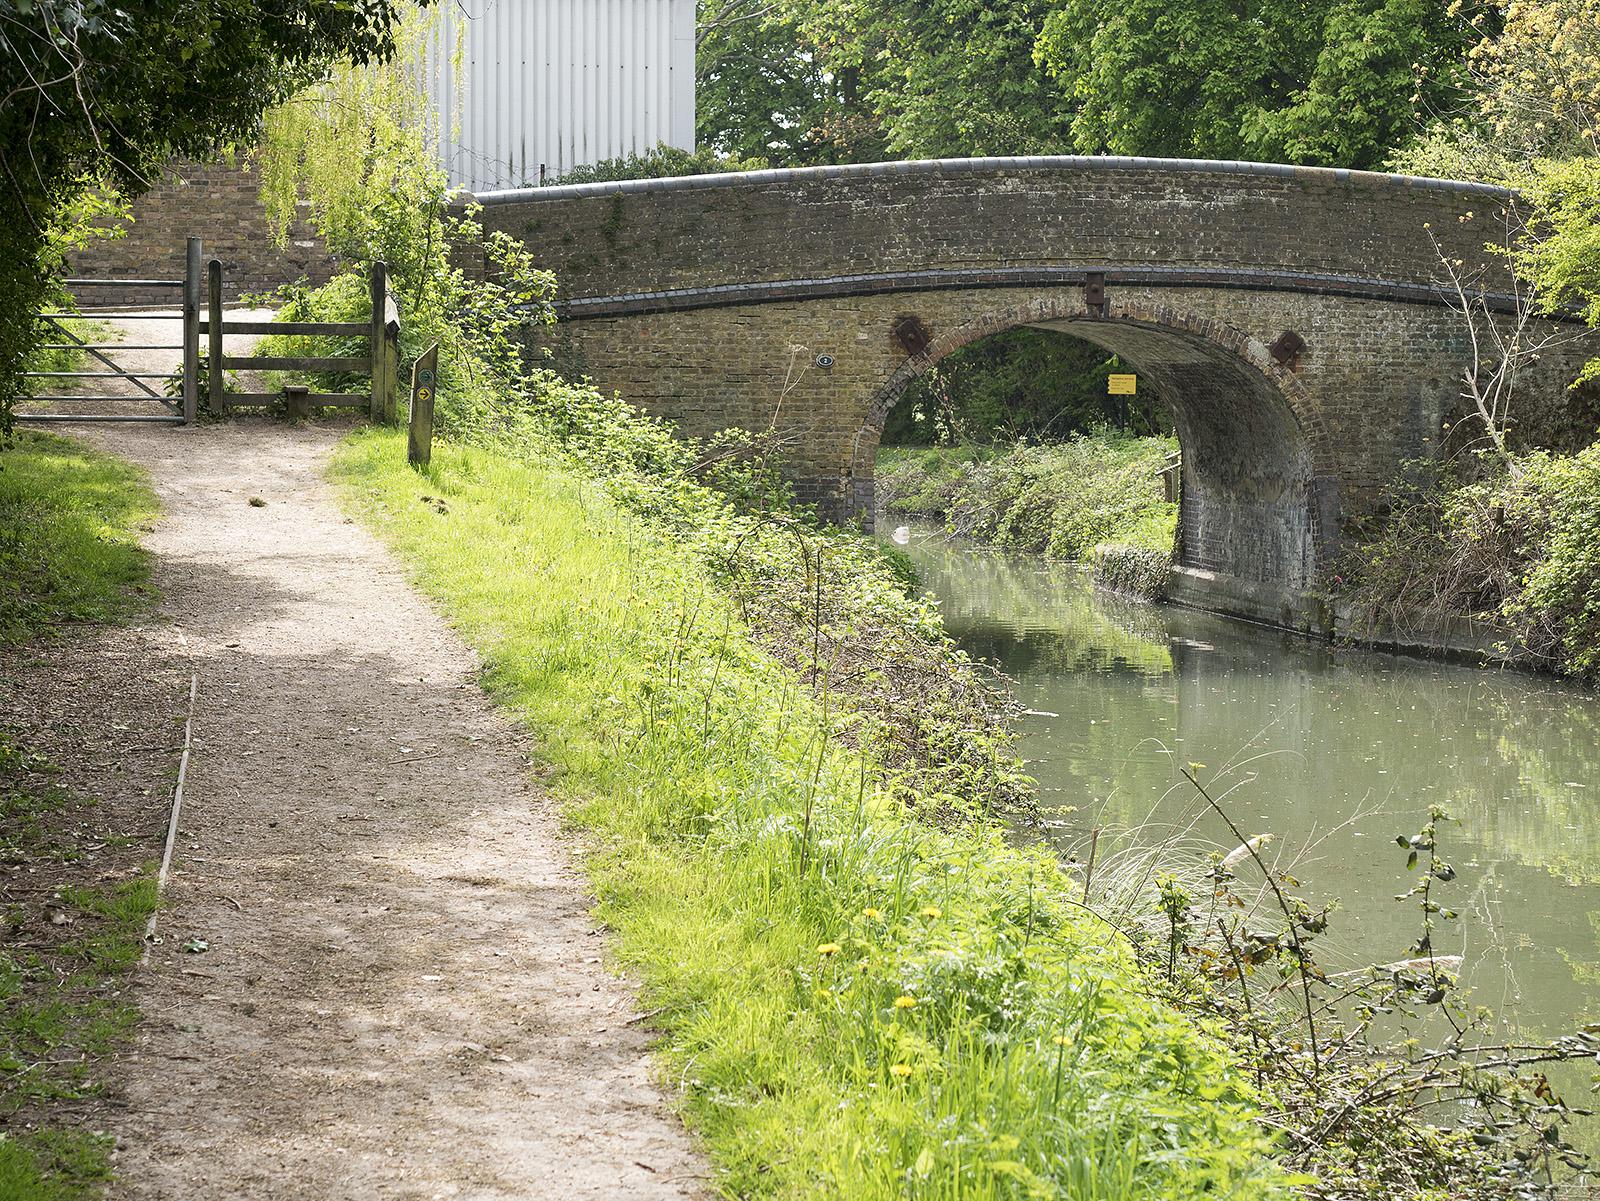 Gamnel bridge